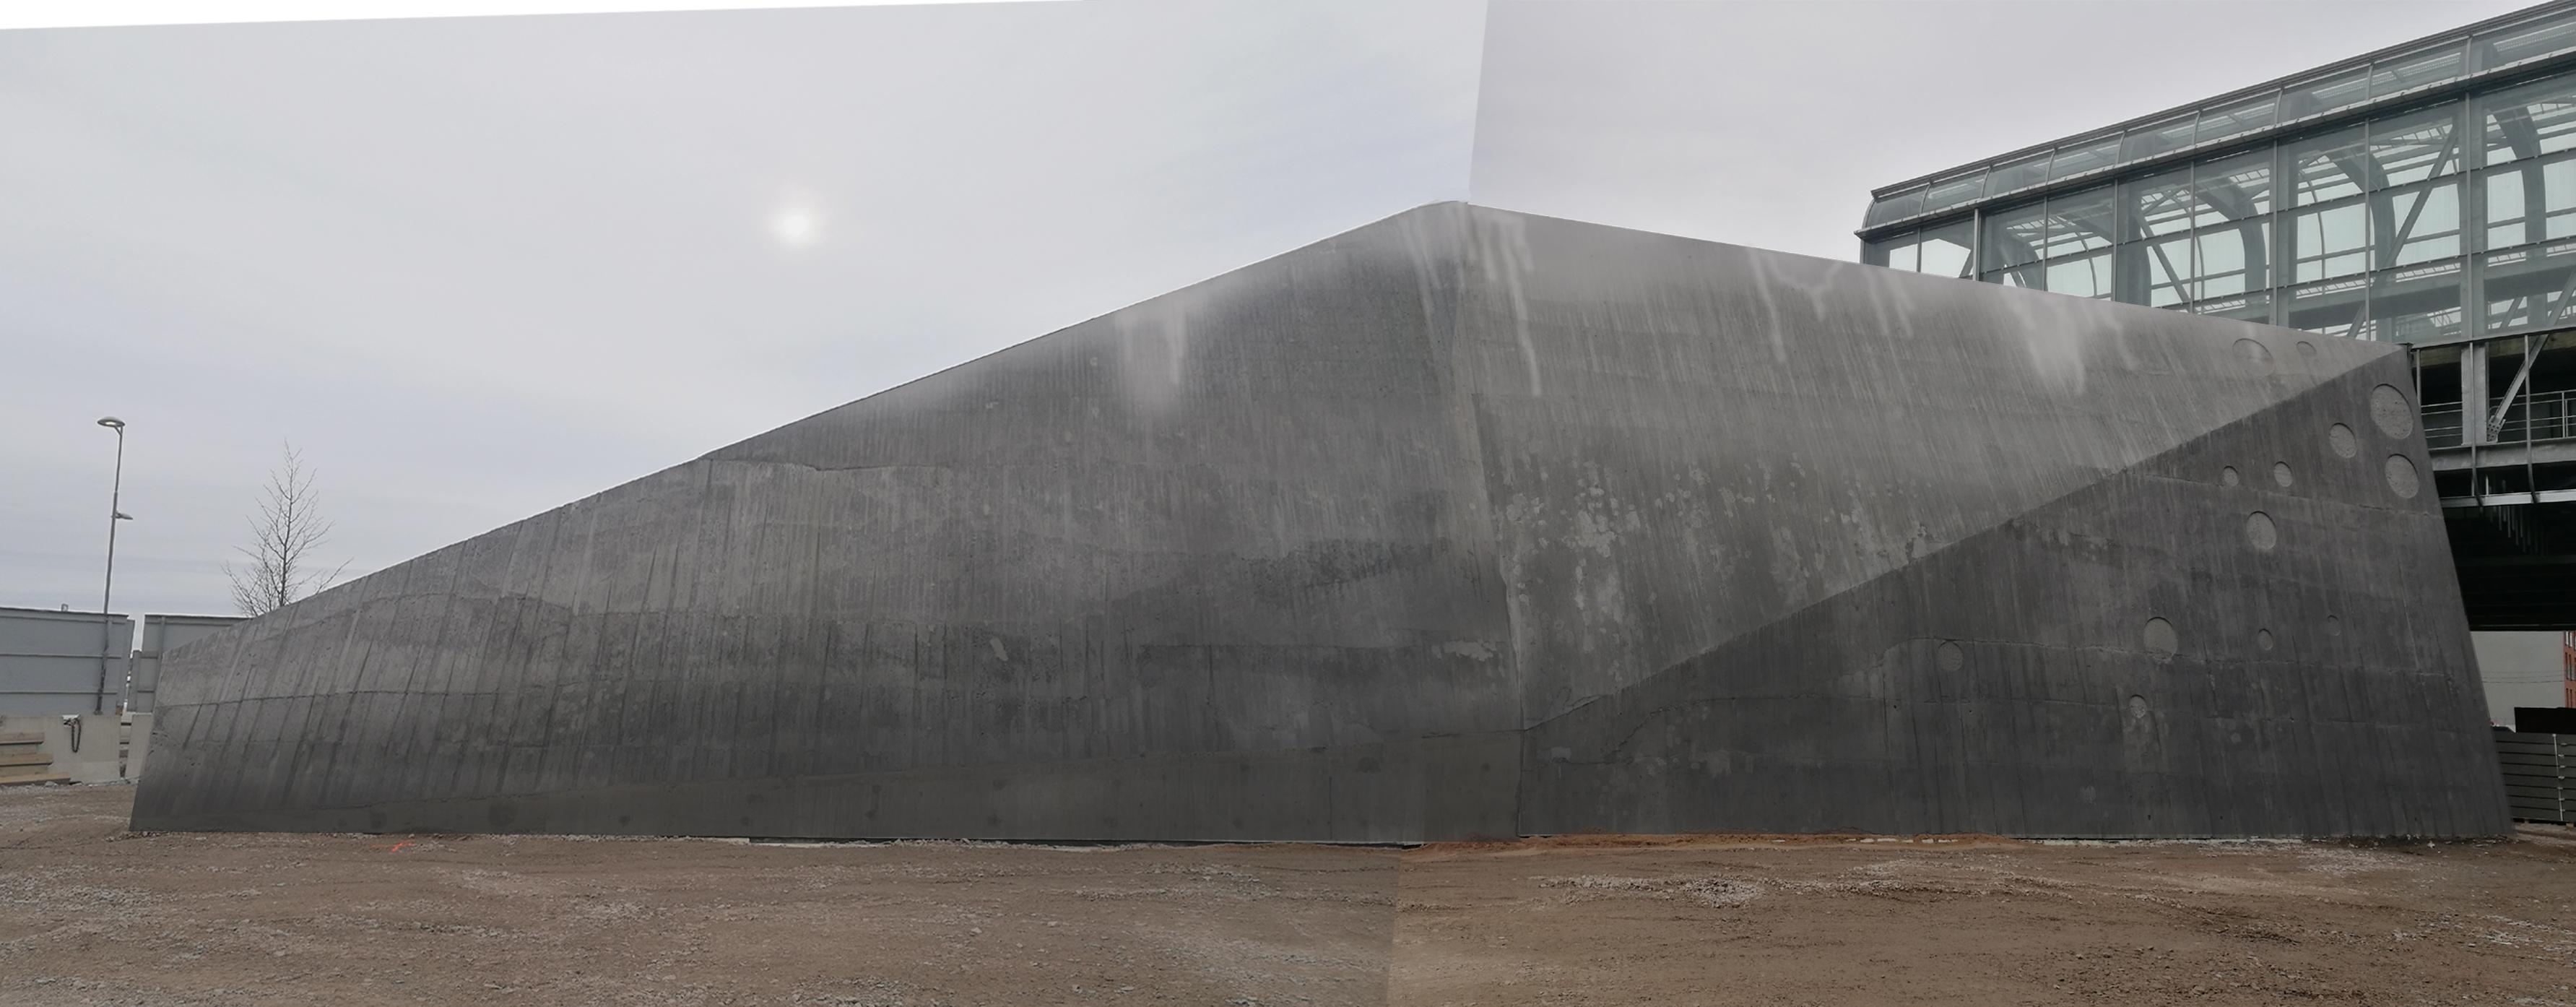 """REDIn kauppakeskuksen yhteyteen """"Valaskala""""'-teos, joka toimii ilmastointirakennelmien maisemoijana. Rakennelma on iso veistosmainen rakkennelma."""